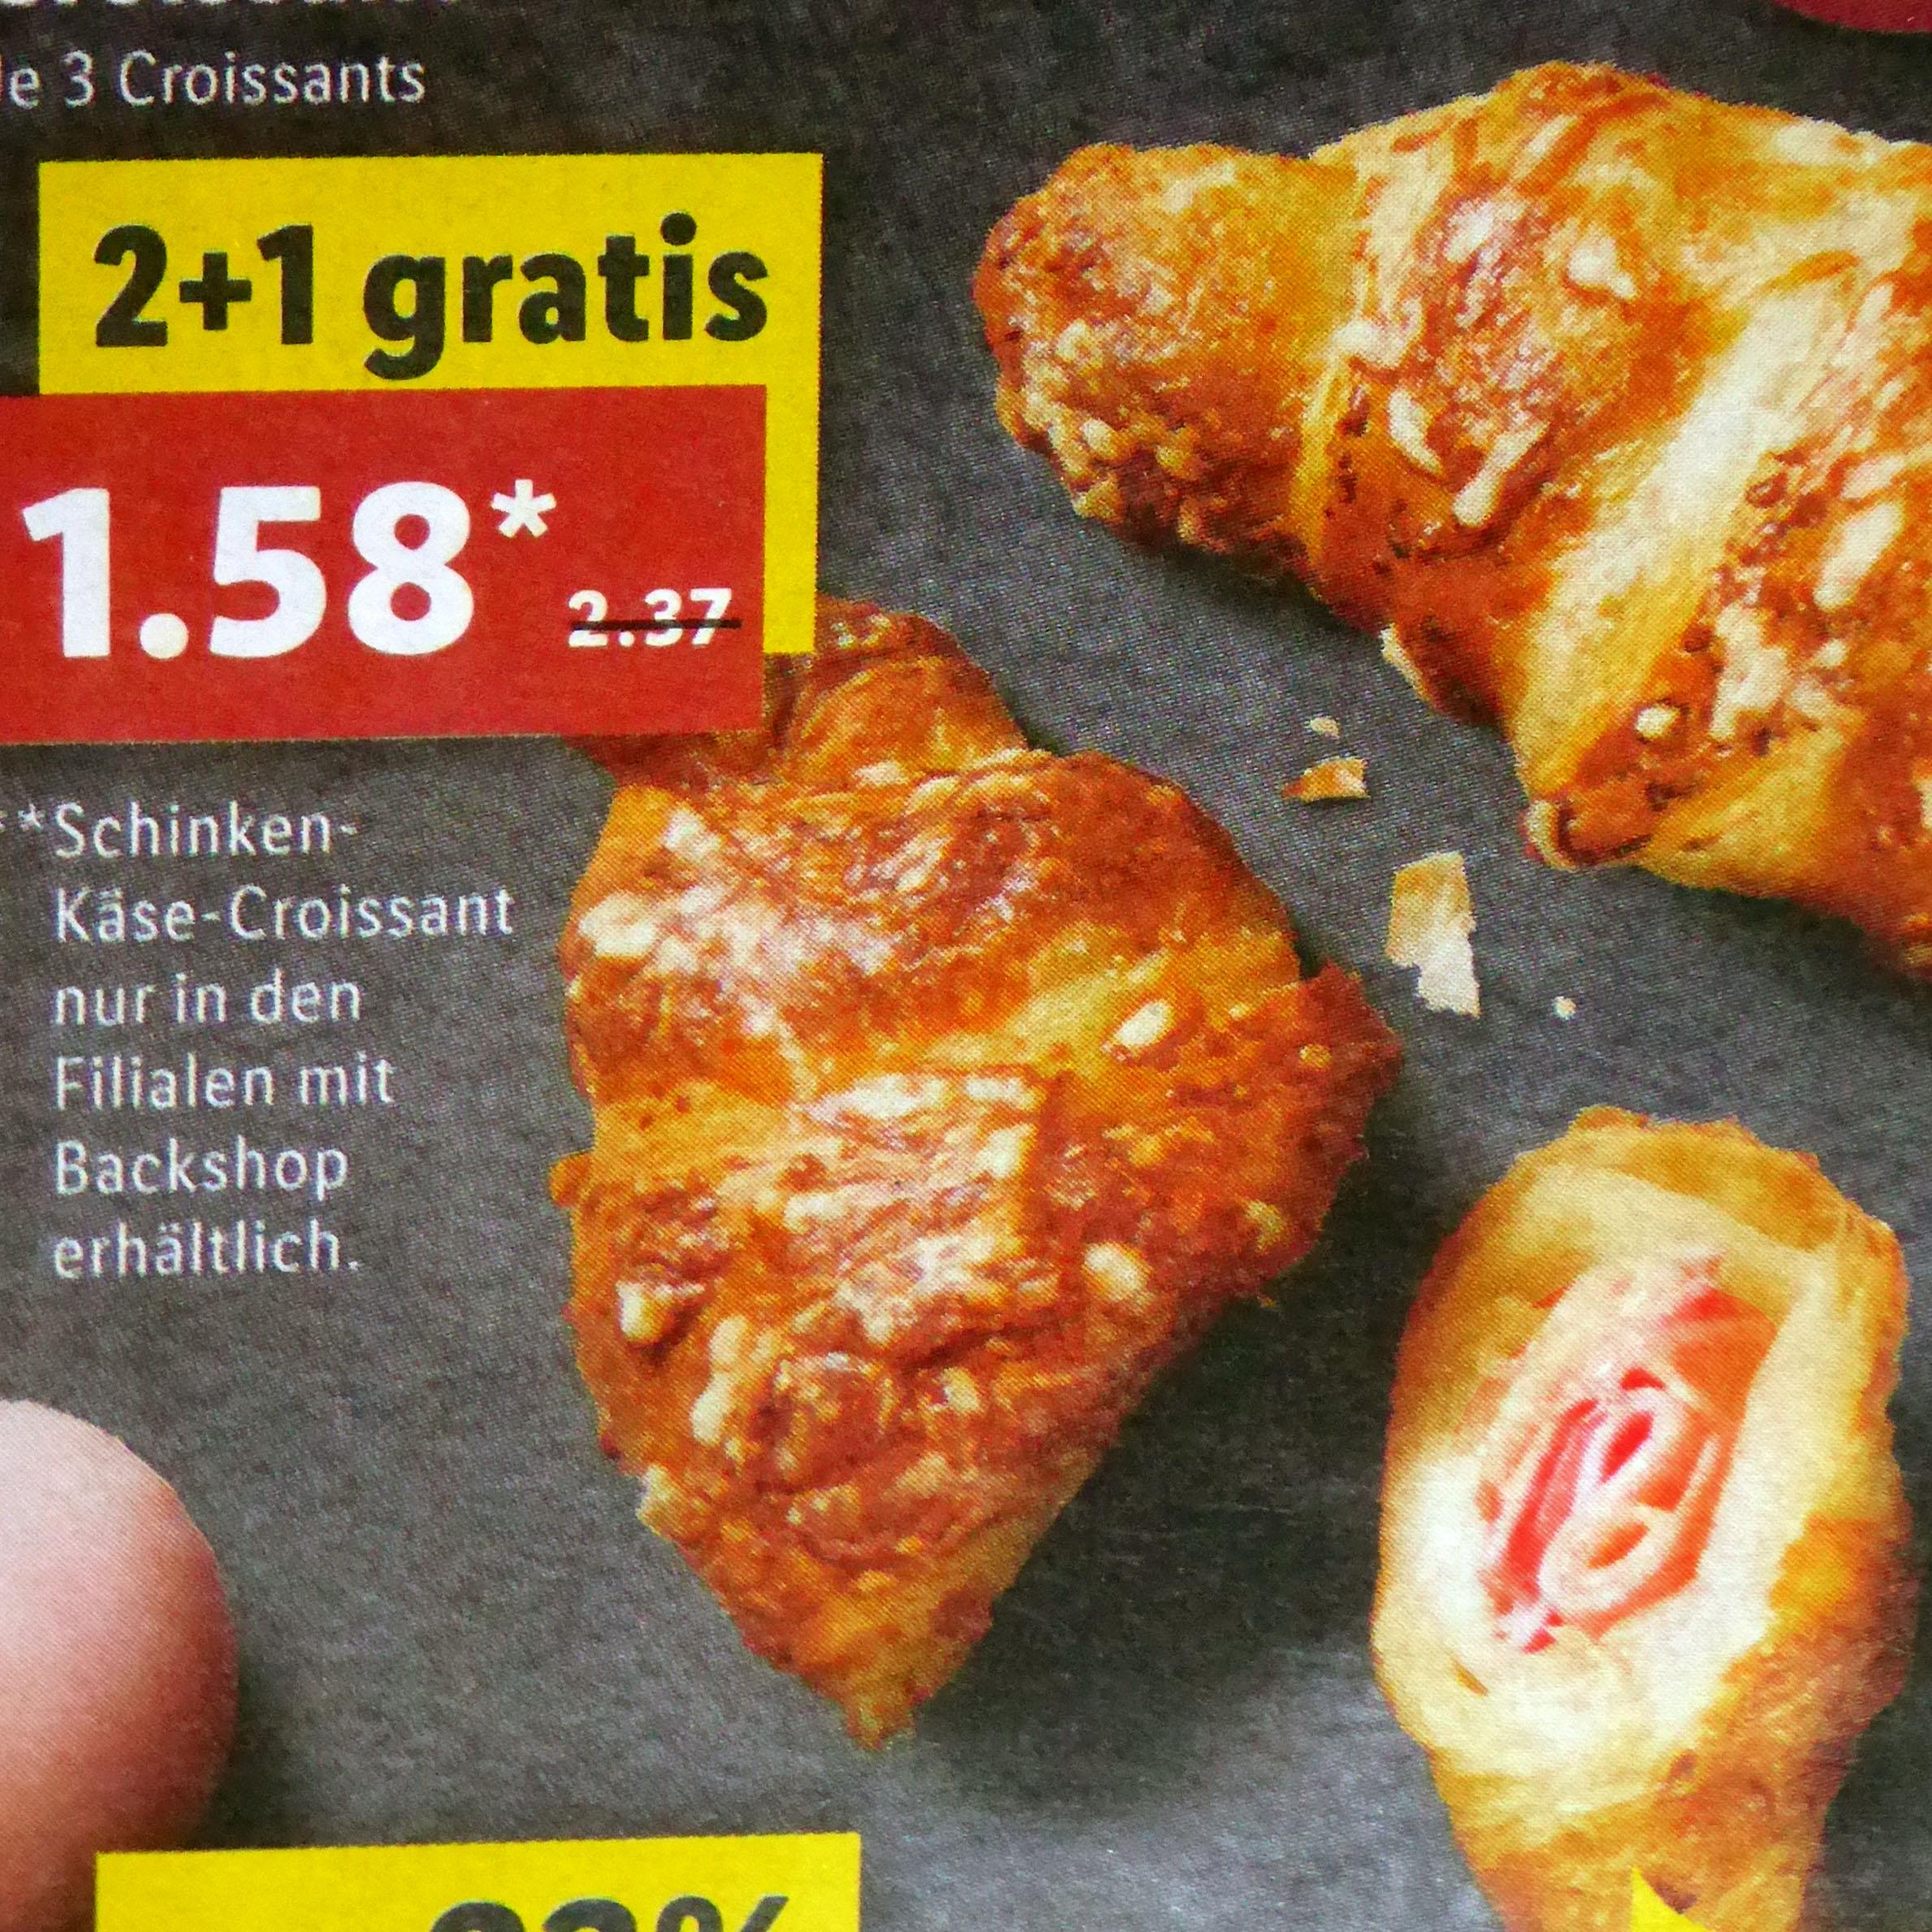 3-für-2-Aktion für Schinken-Käse-Croissants bei ( Lidl ab 28.01.)